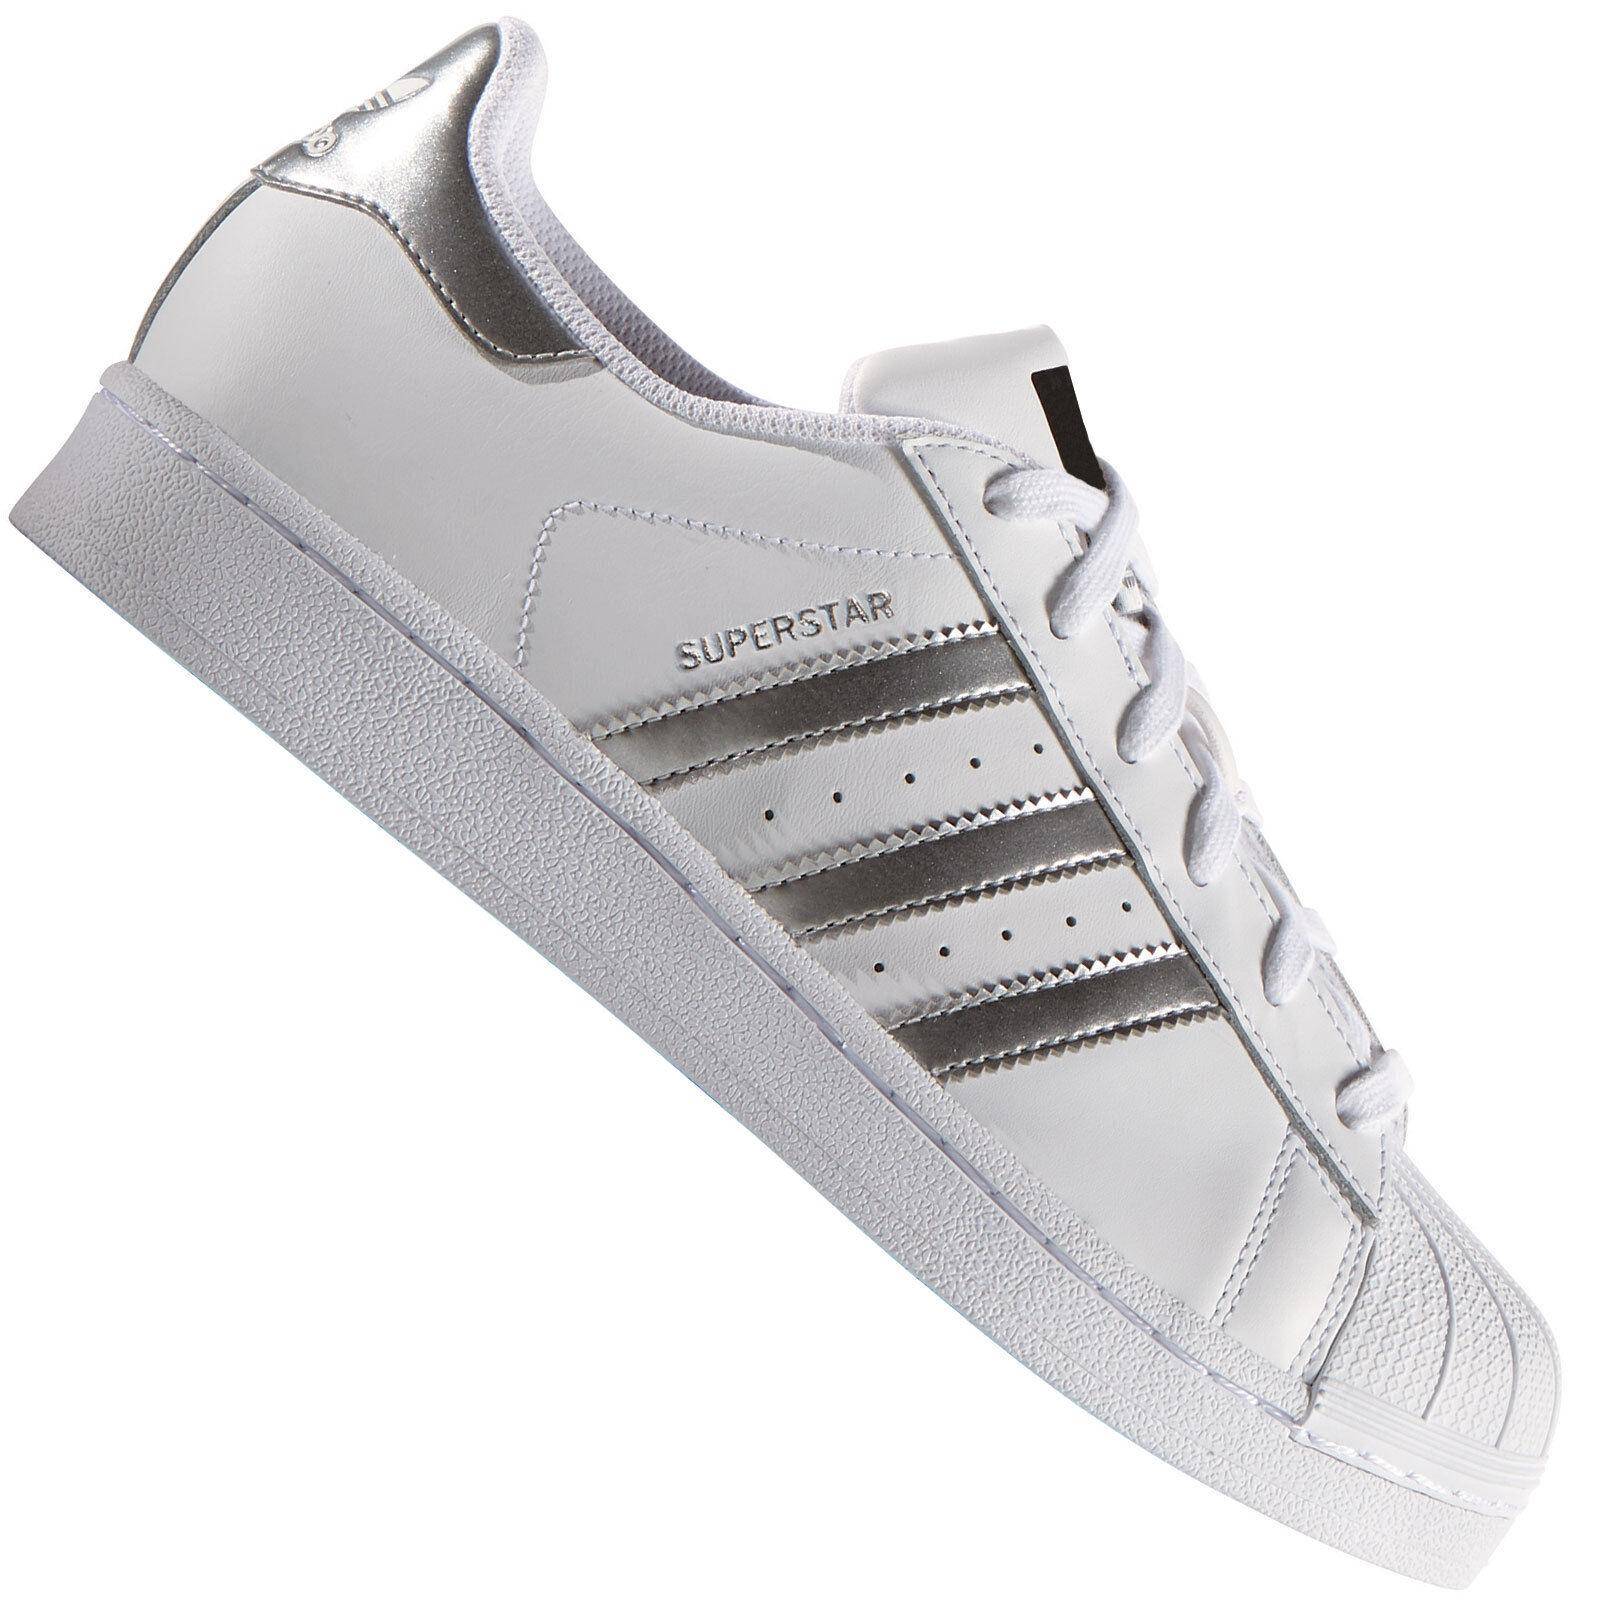 adidas Originals Superstar Weiß/Silber AQ3091 Herren-Sneaker Turnschuhe Schuhe